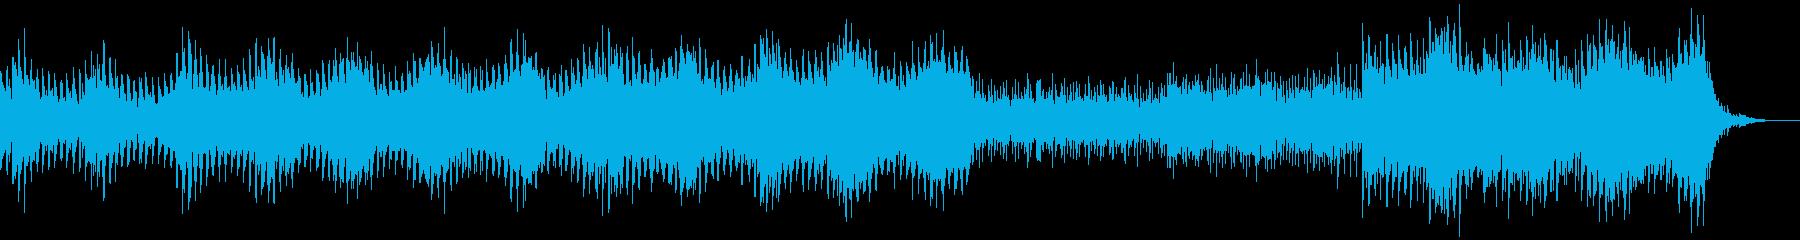 ちょっと哀愁のあるテクノの再生済みの波形